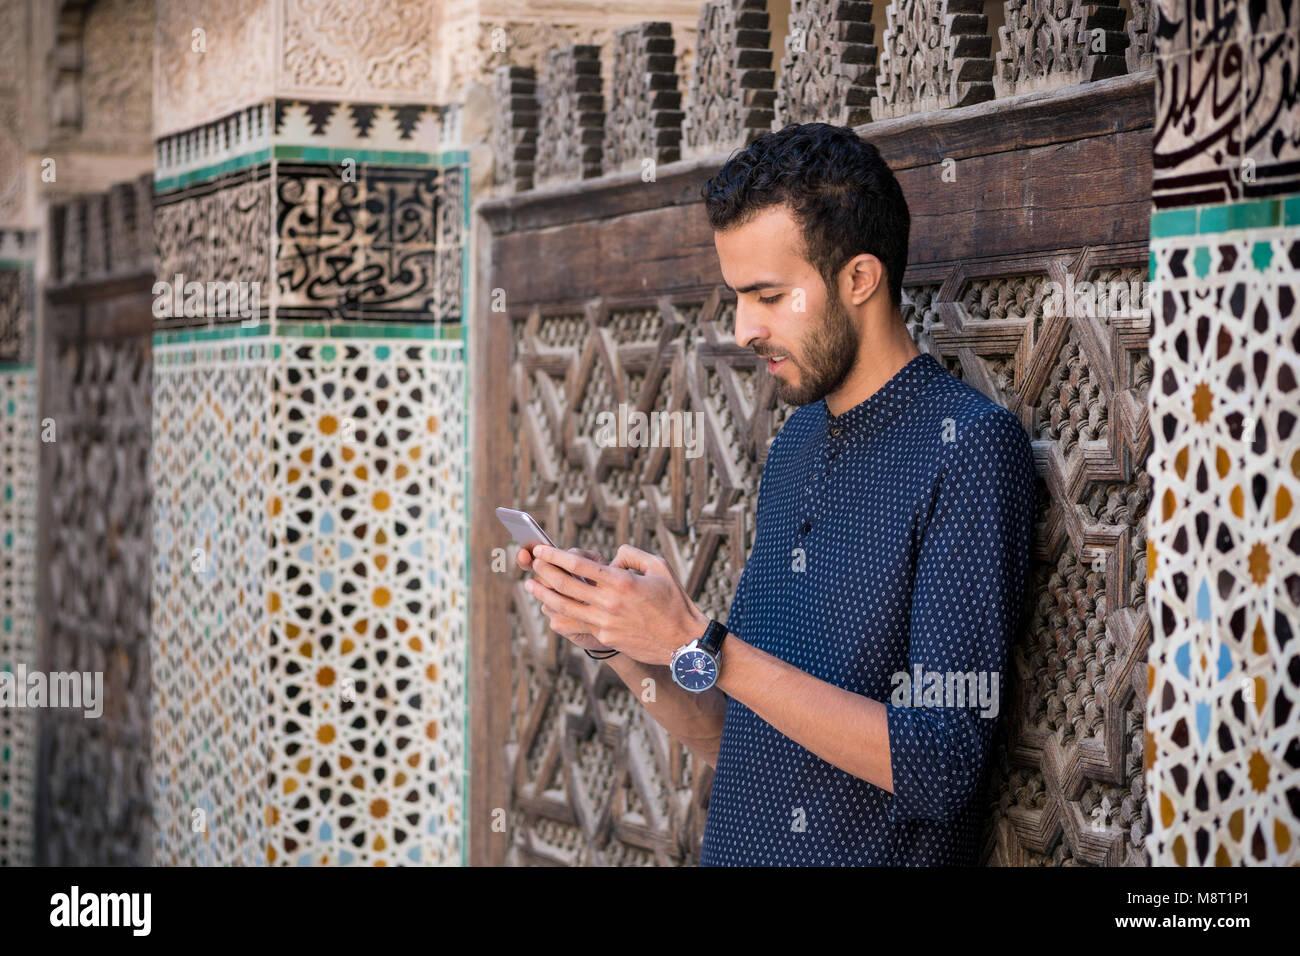 Joven musulmلn utiliza su teléfono móvil en ropa informal junto a la pared con arabescos decoración Imagen De Stock